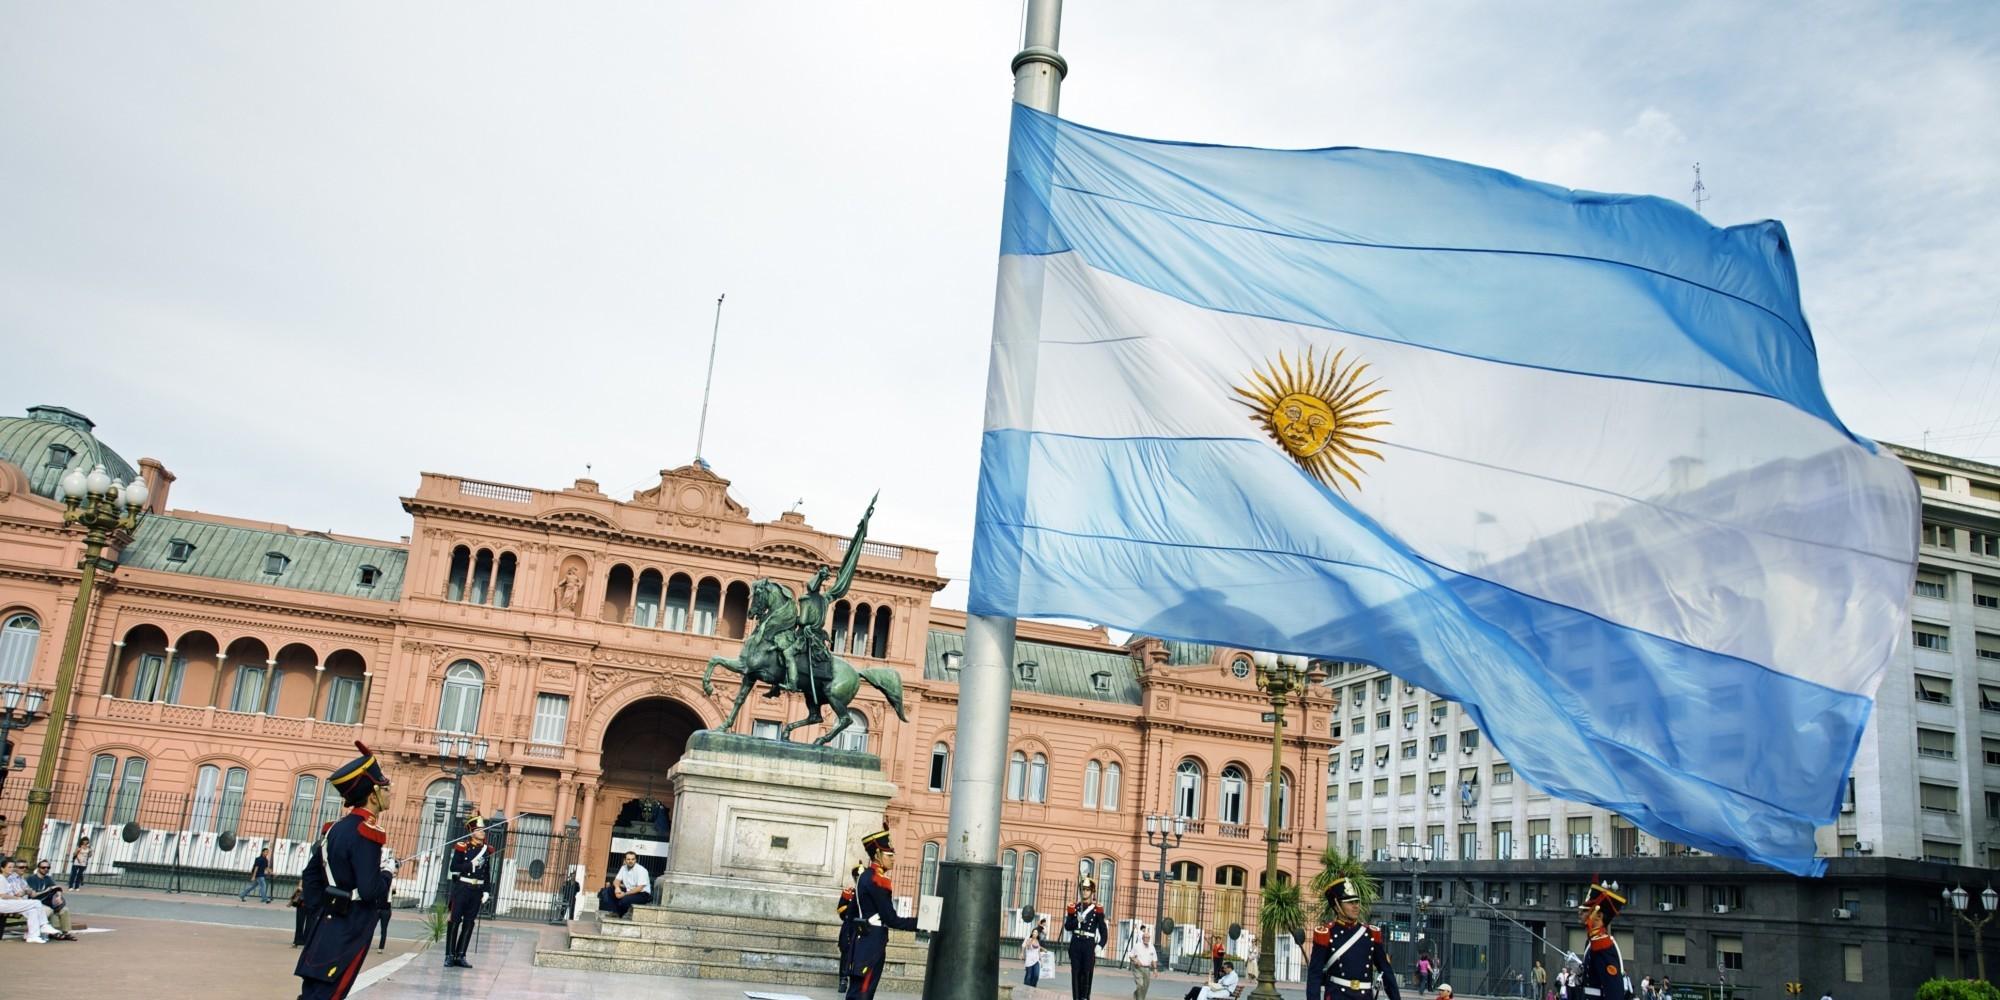 Una nuova crisi per l'Argentina? Il momento decisivo per Mauricio Macri